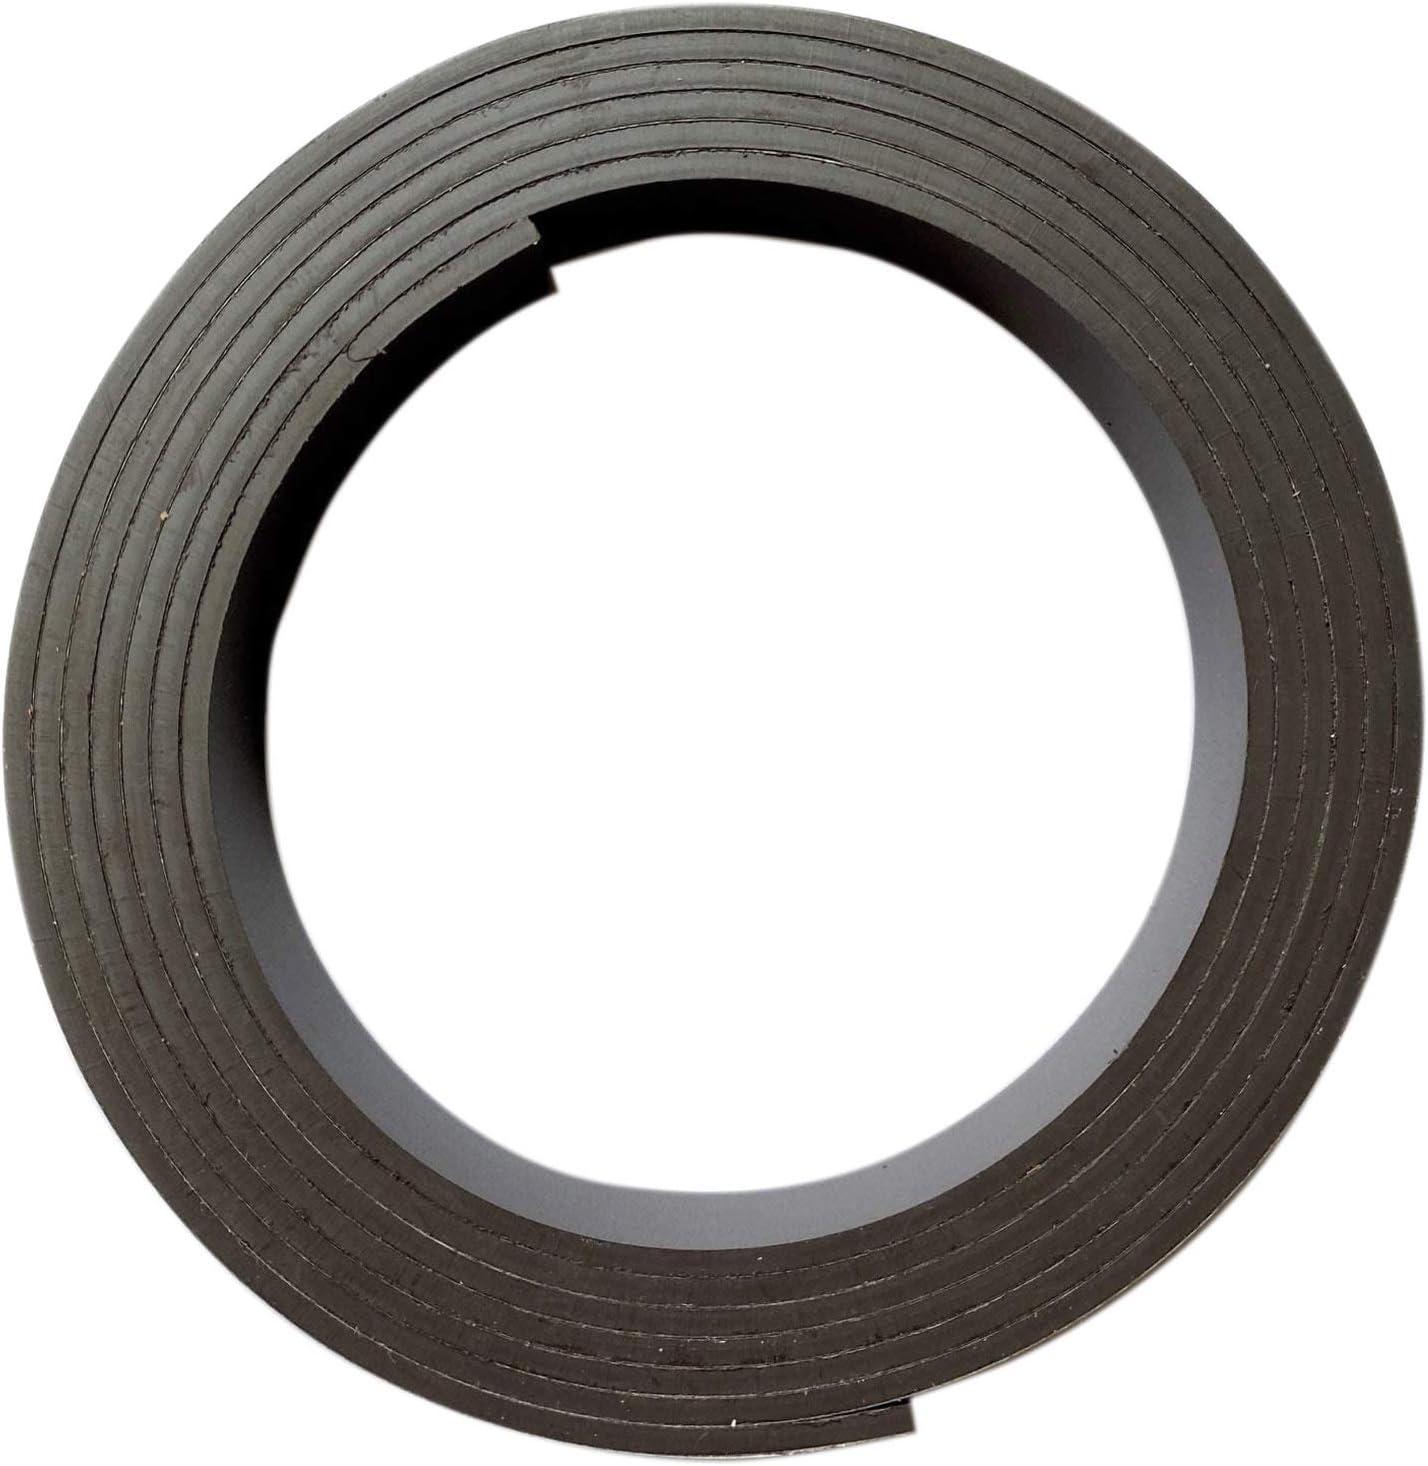 Banda magnética autoadhesiva de 3 metros I 2 mm espesor x 15 mm ancho I calidad de fuerza adhesiva alta I cortable I cinta magnética lámina magnética autoadhesiva I mag_197: Amazon.es: Oficina